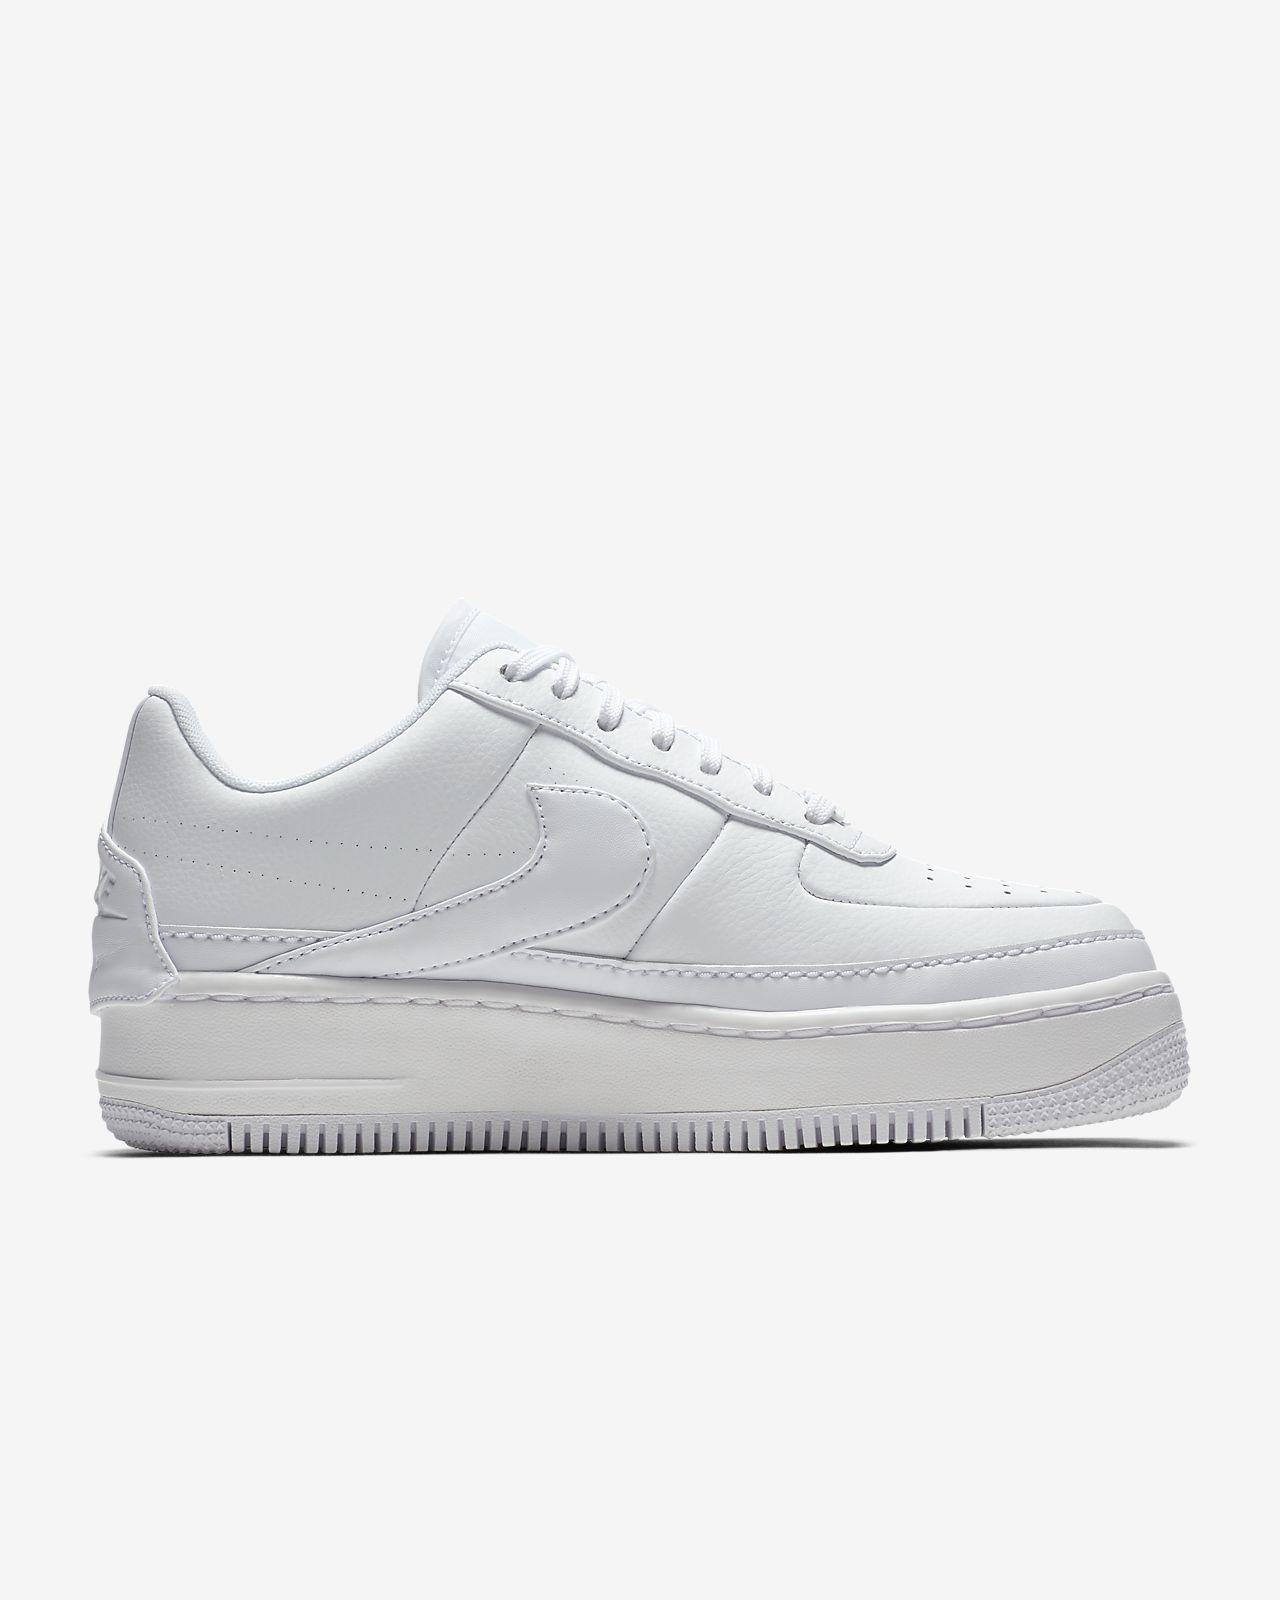 meilleur service 8d383 c8c2e Nike Air Force 1 Jester XX Shoe